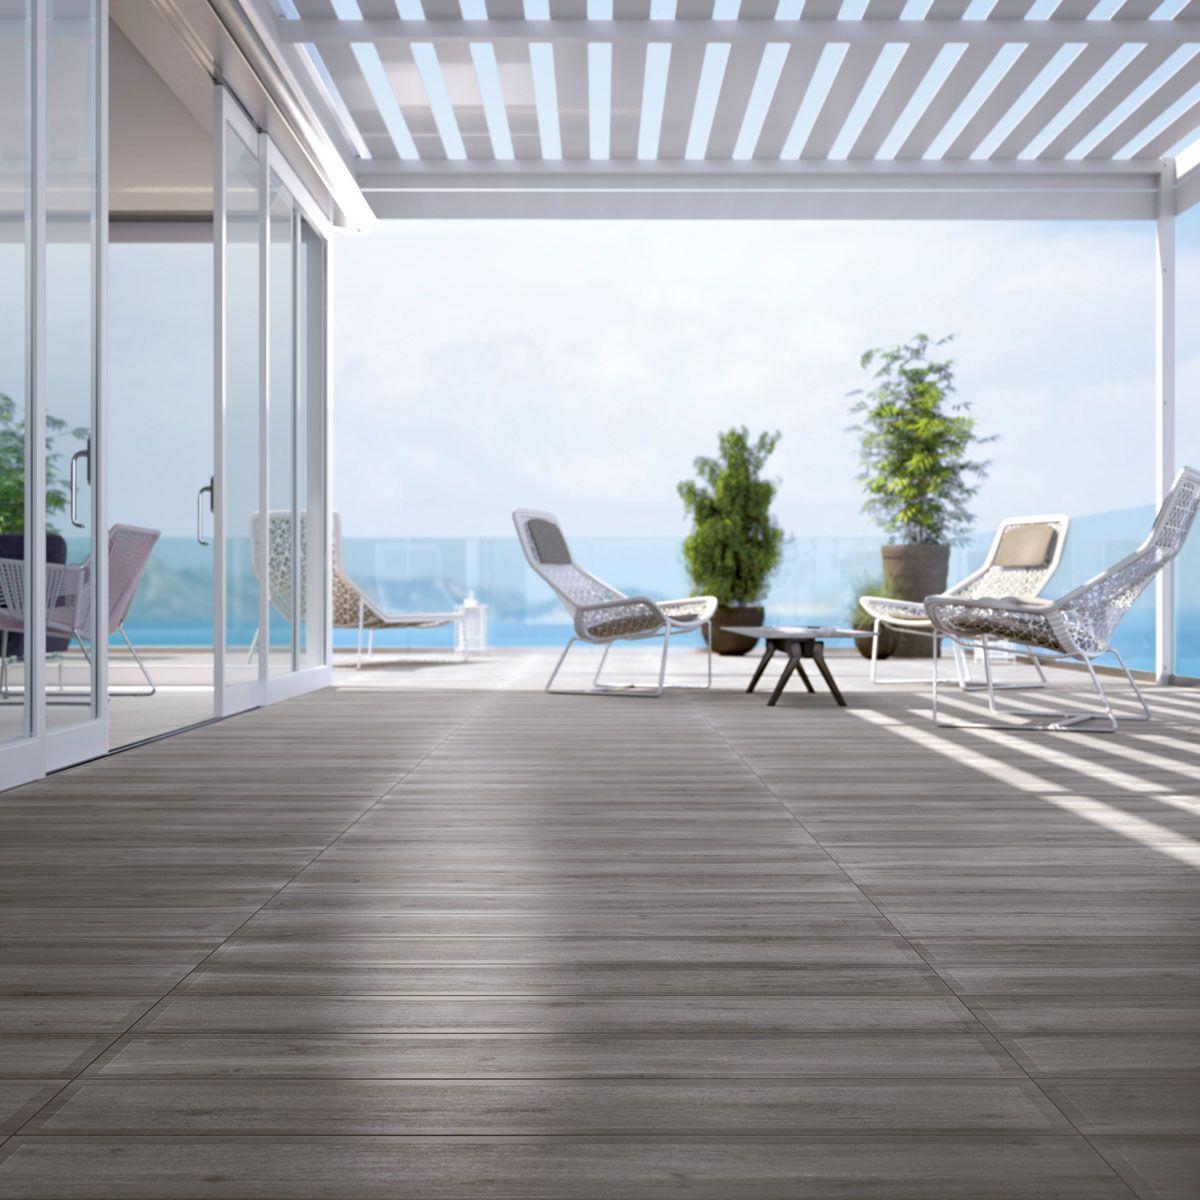 Carrelage Imitation Parquet Pour Sol Exterieur Wood Espace Aubade Carrelage Terrasse Terrasse Design Carrelage Exterieur